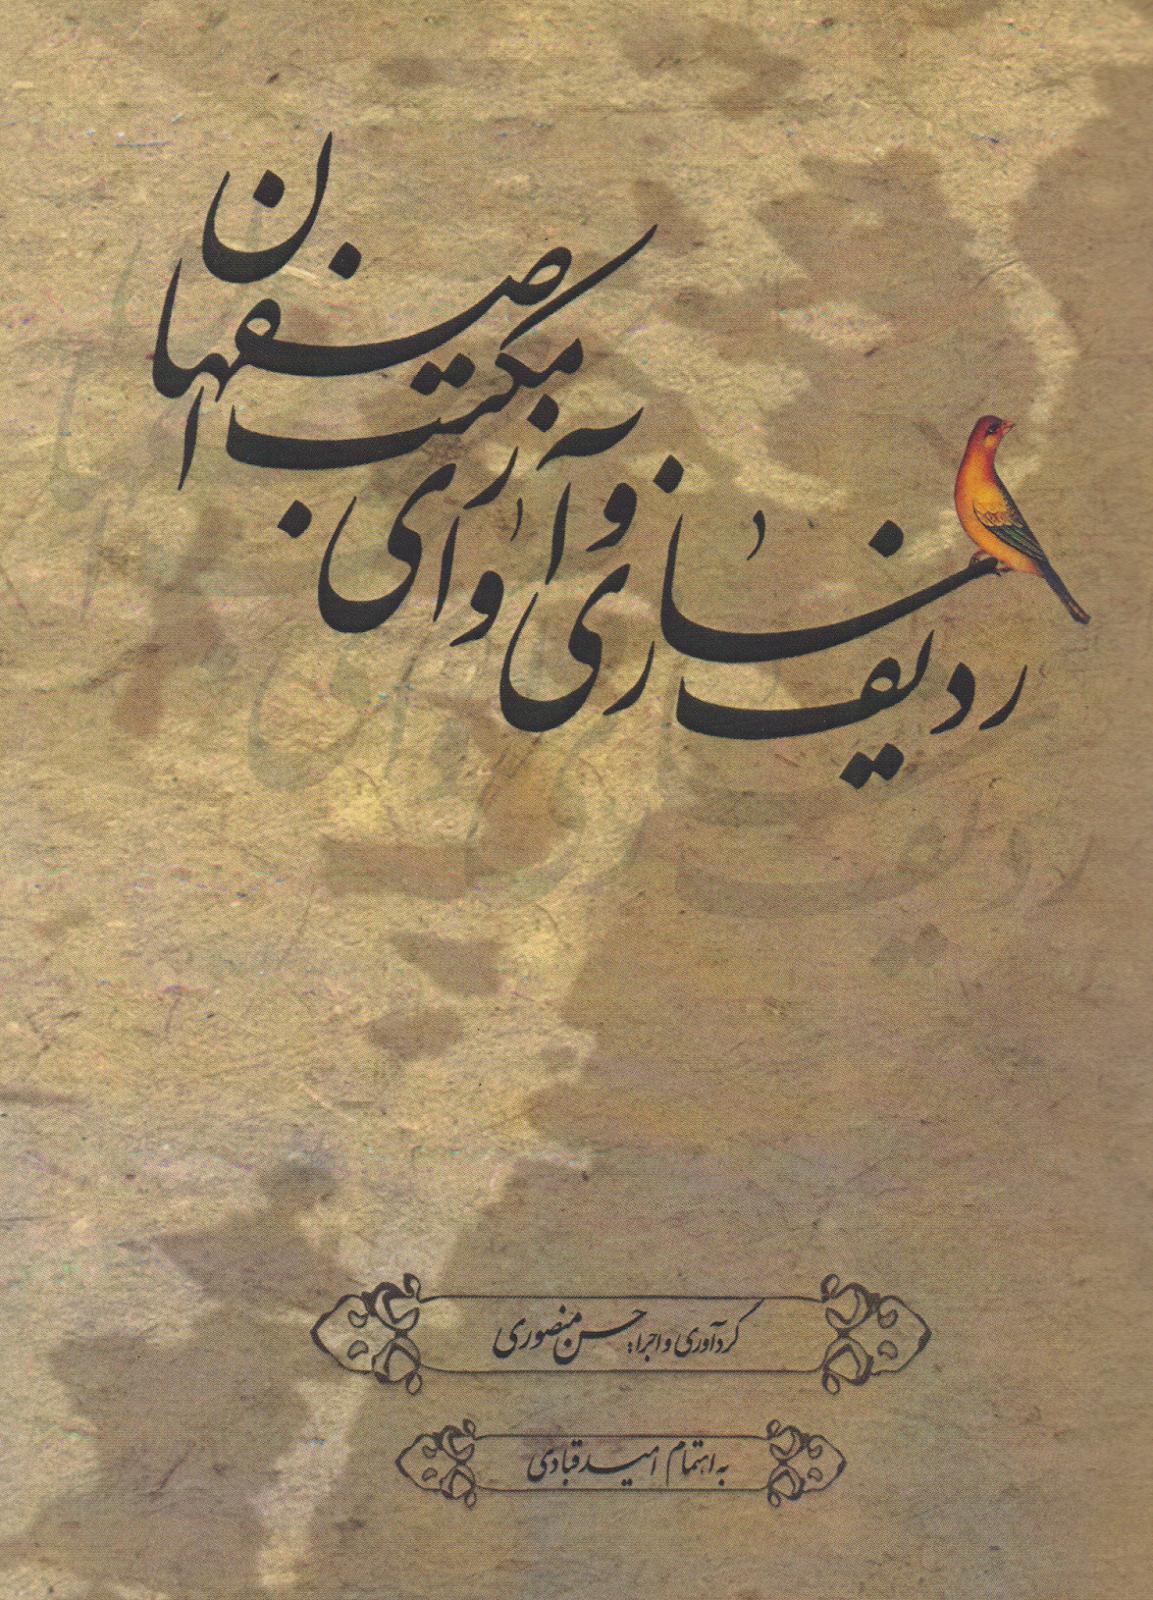 کتاب ردیفسازی و آوازی مکتب اصفهان حسن منصوری انتشارات حوزه هنری اصفهان